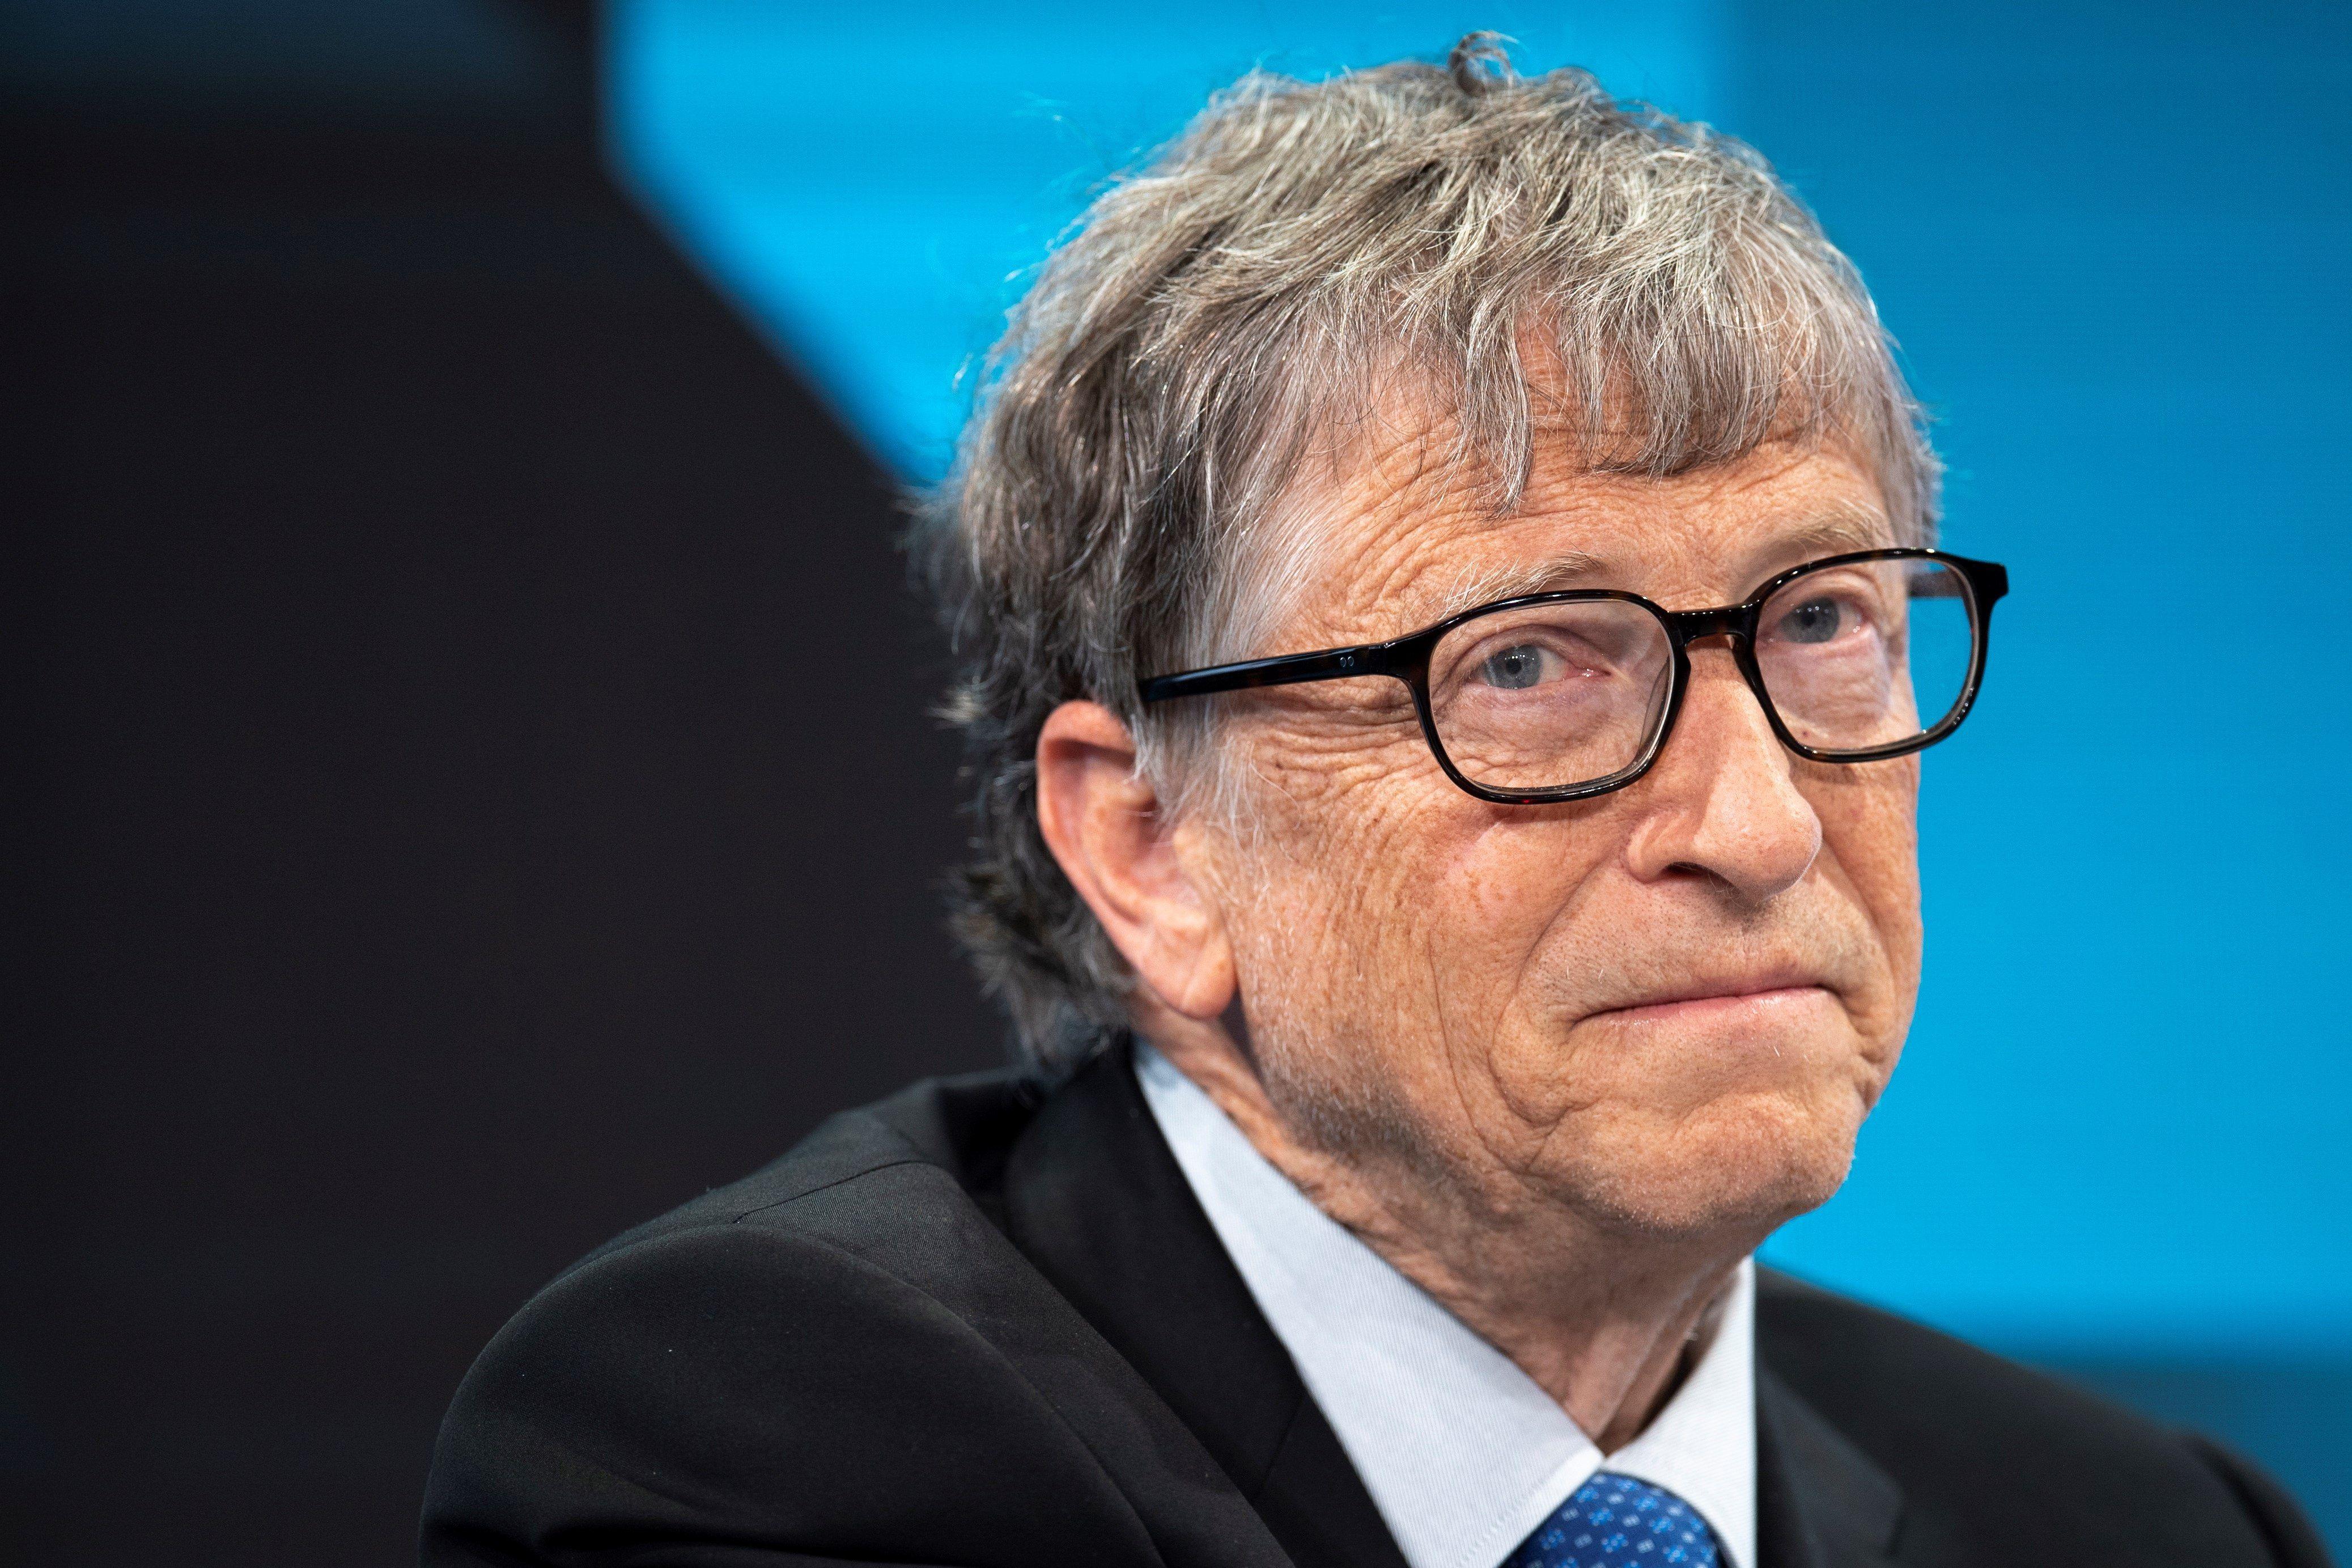 El cofundador de Microsoft Bill Gates hizo millonarias inversiones para obtener una vacuna eficaz contra COVID-19. EFE/Gian Ehrenzeller/Archivo